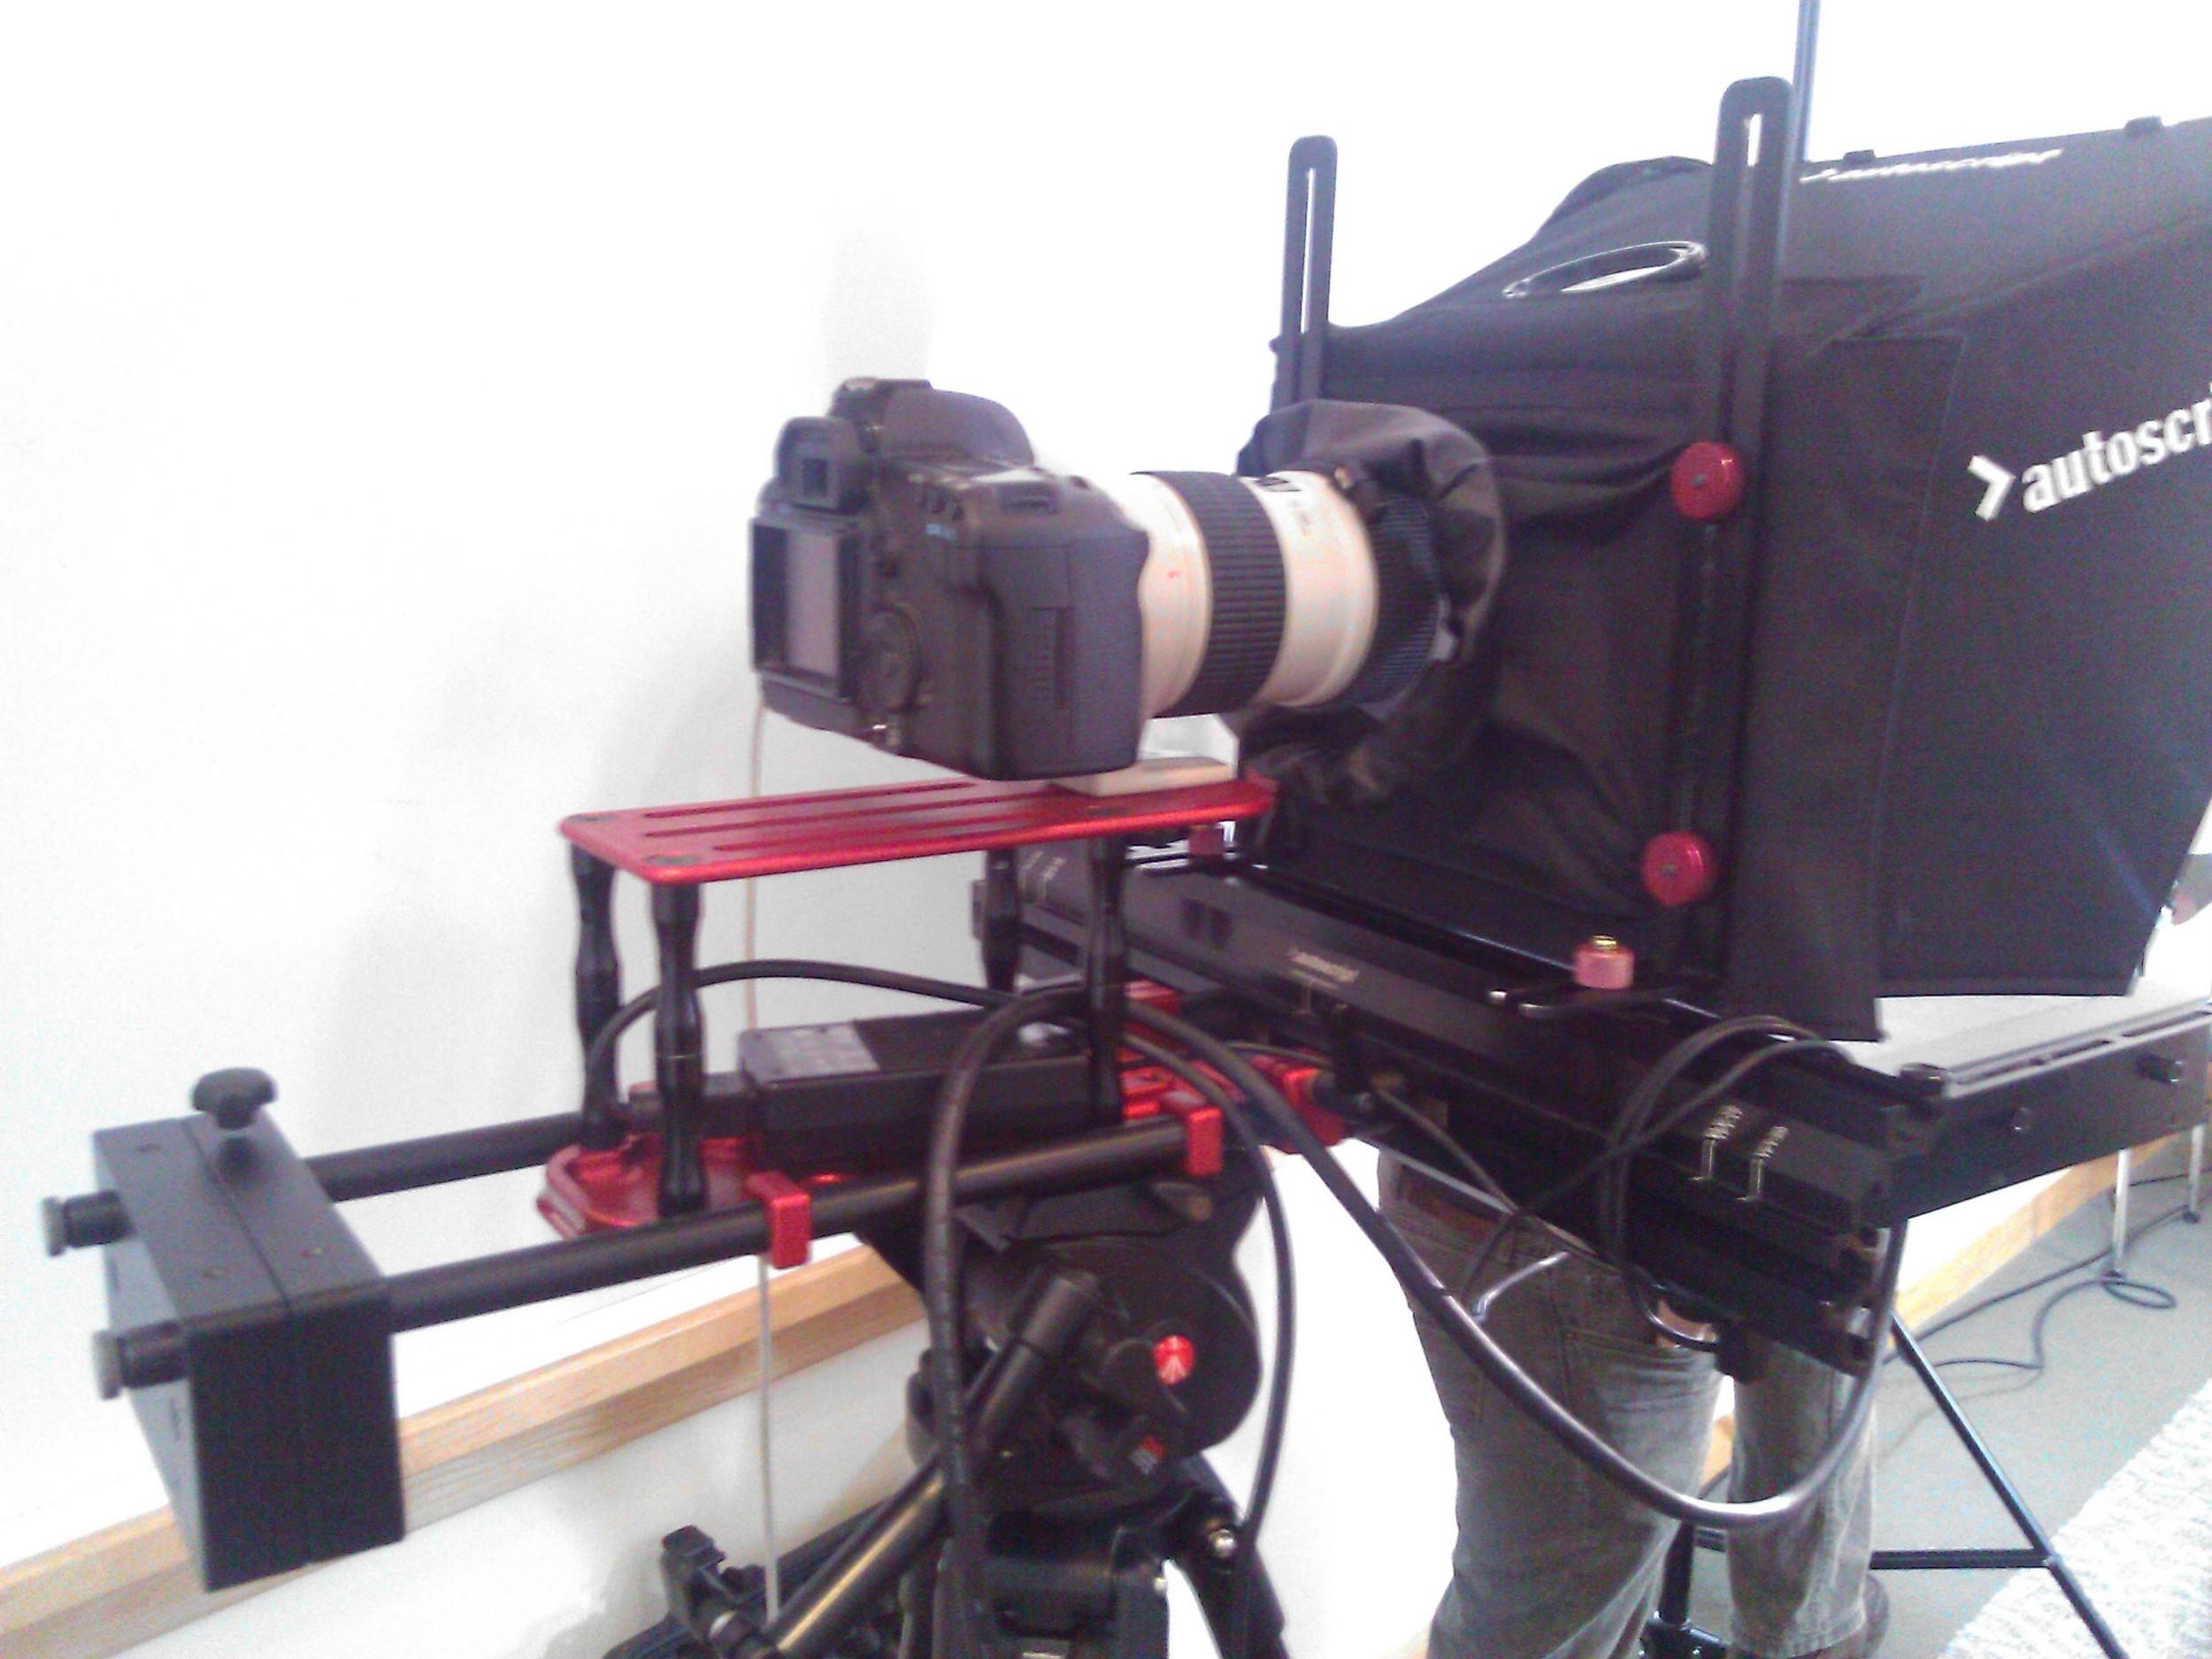 Fits DSLR cameras